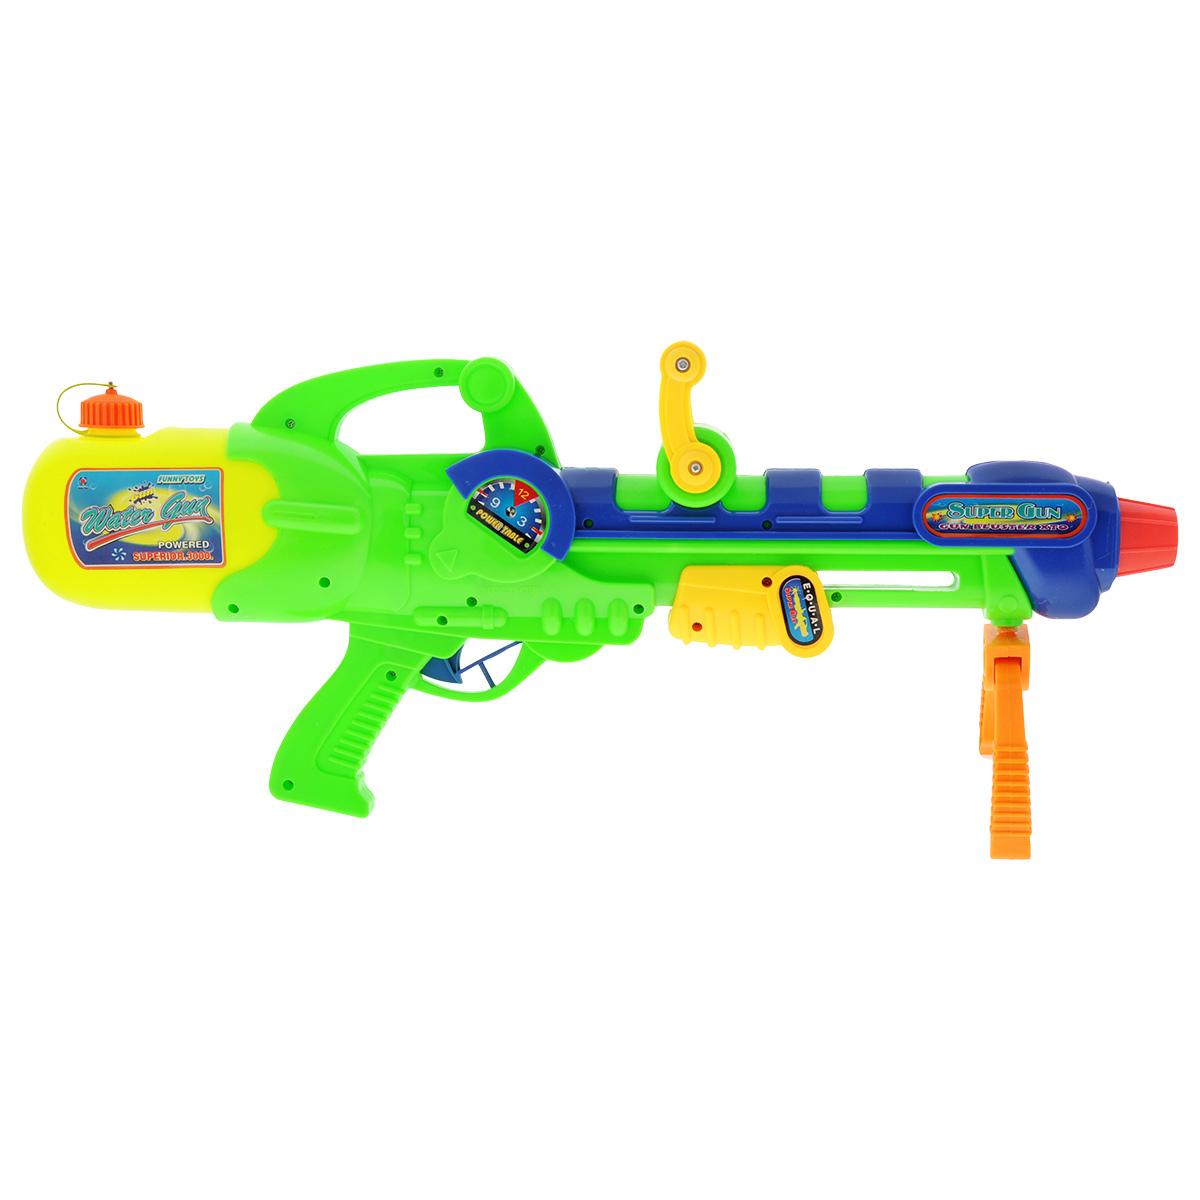 Водный бластер Bebelot Захват, цвет: зеленый, желтый игрушка бластер